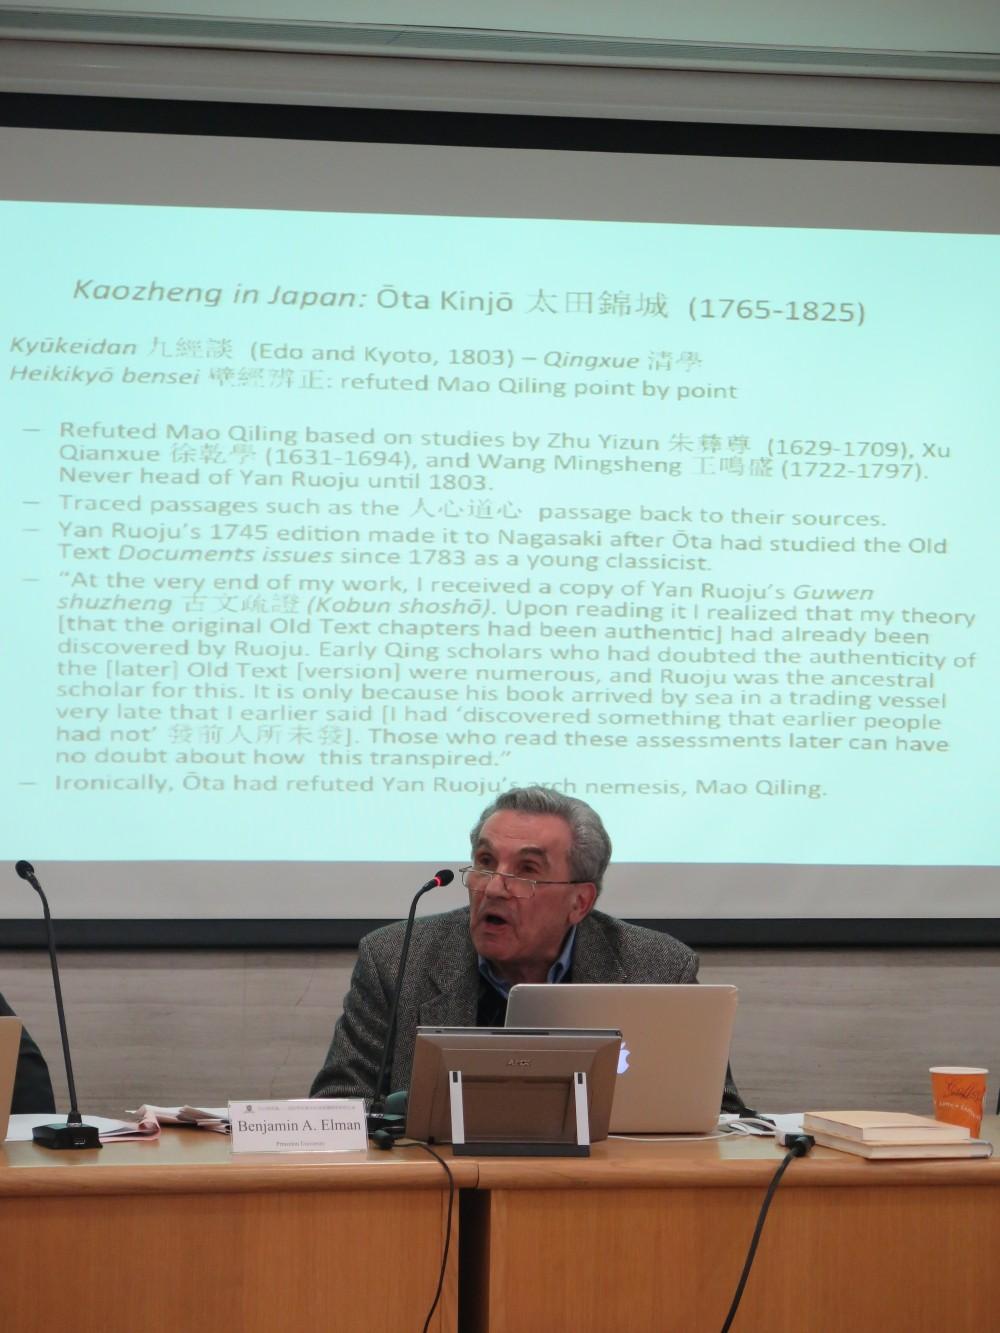 艾爾曼教授作主題演講